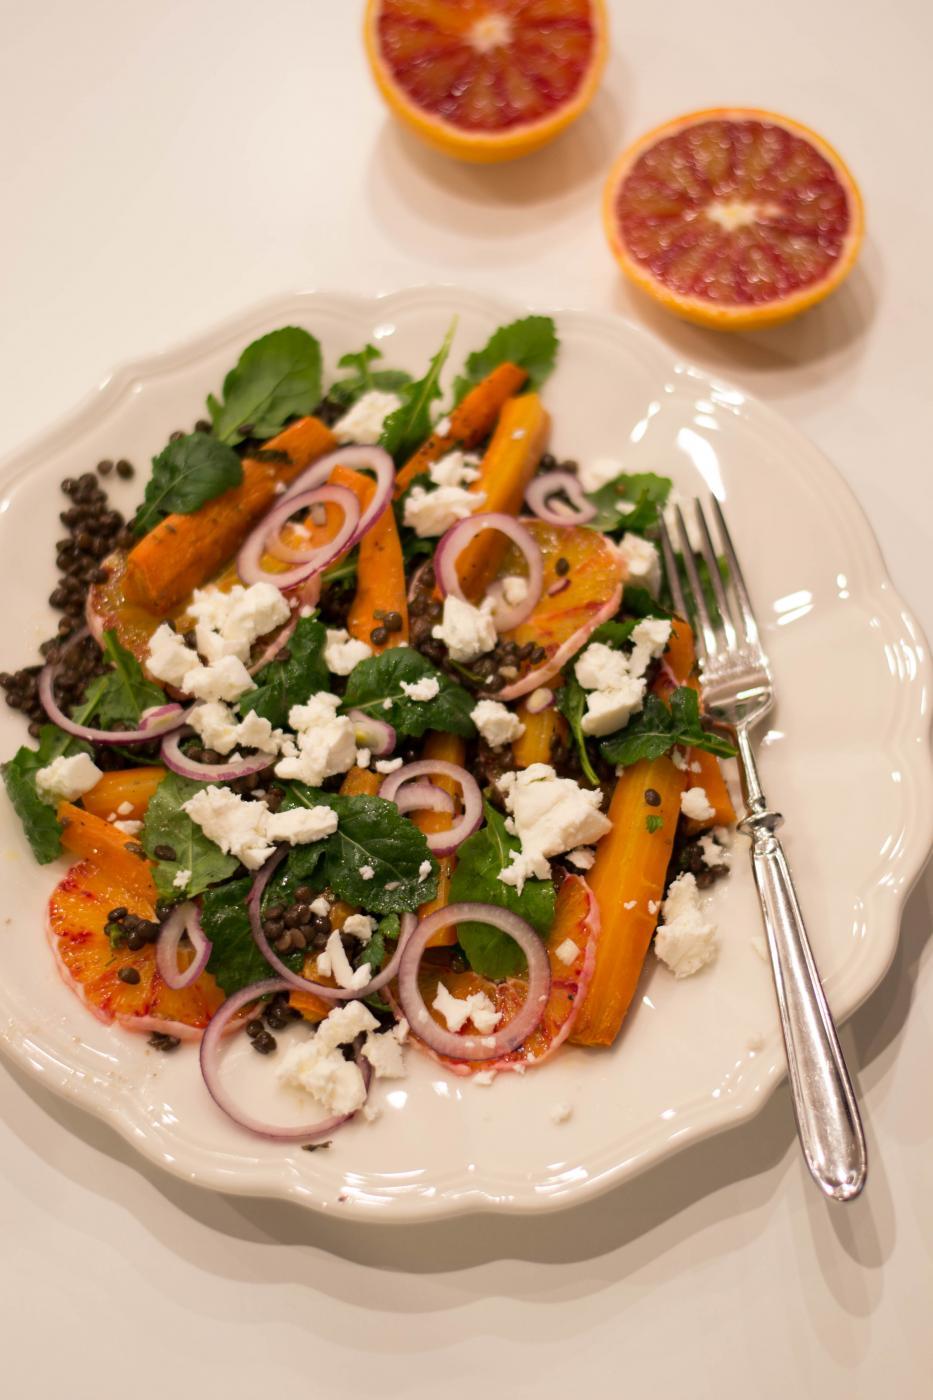 Kuuluisat paahdetut porkkanat salaatissa veriappelsiinien kera